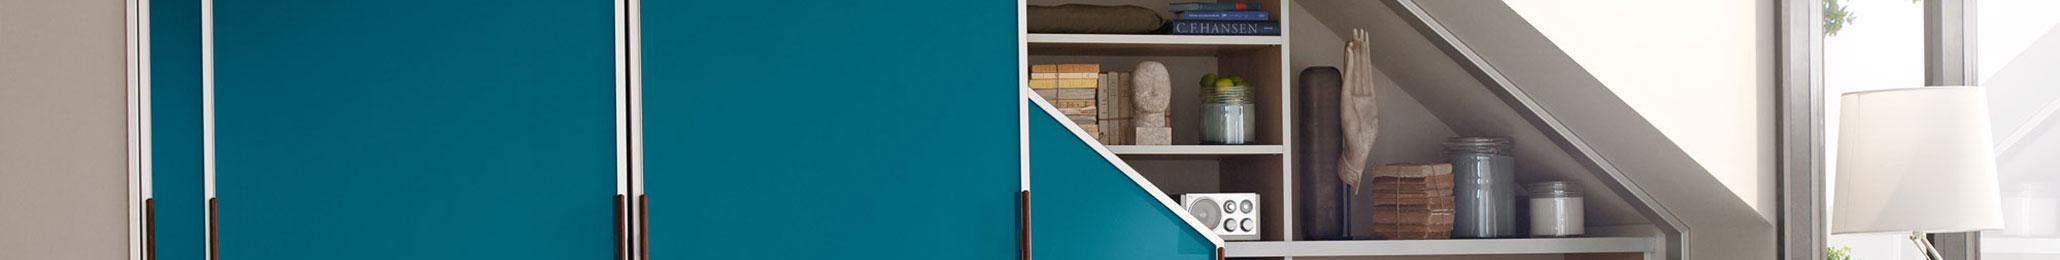 Einbauschrank in Dachschräge mit Gleittüren von Cabinet